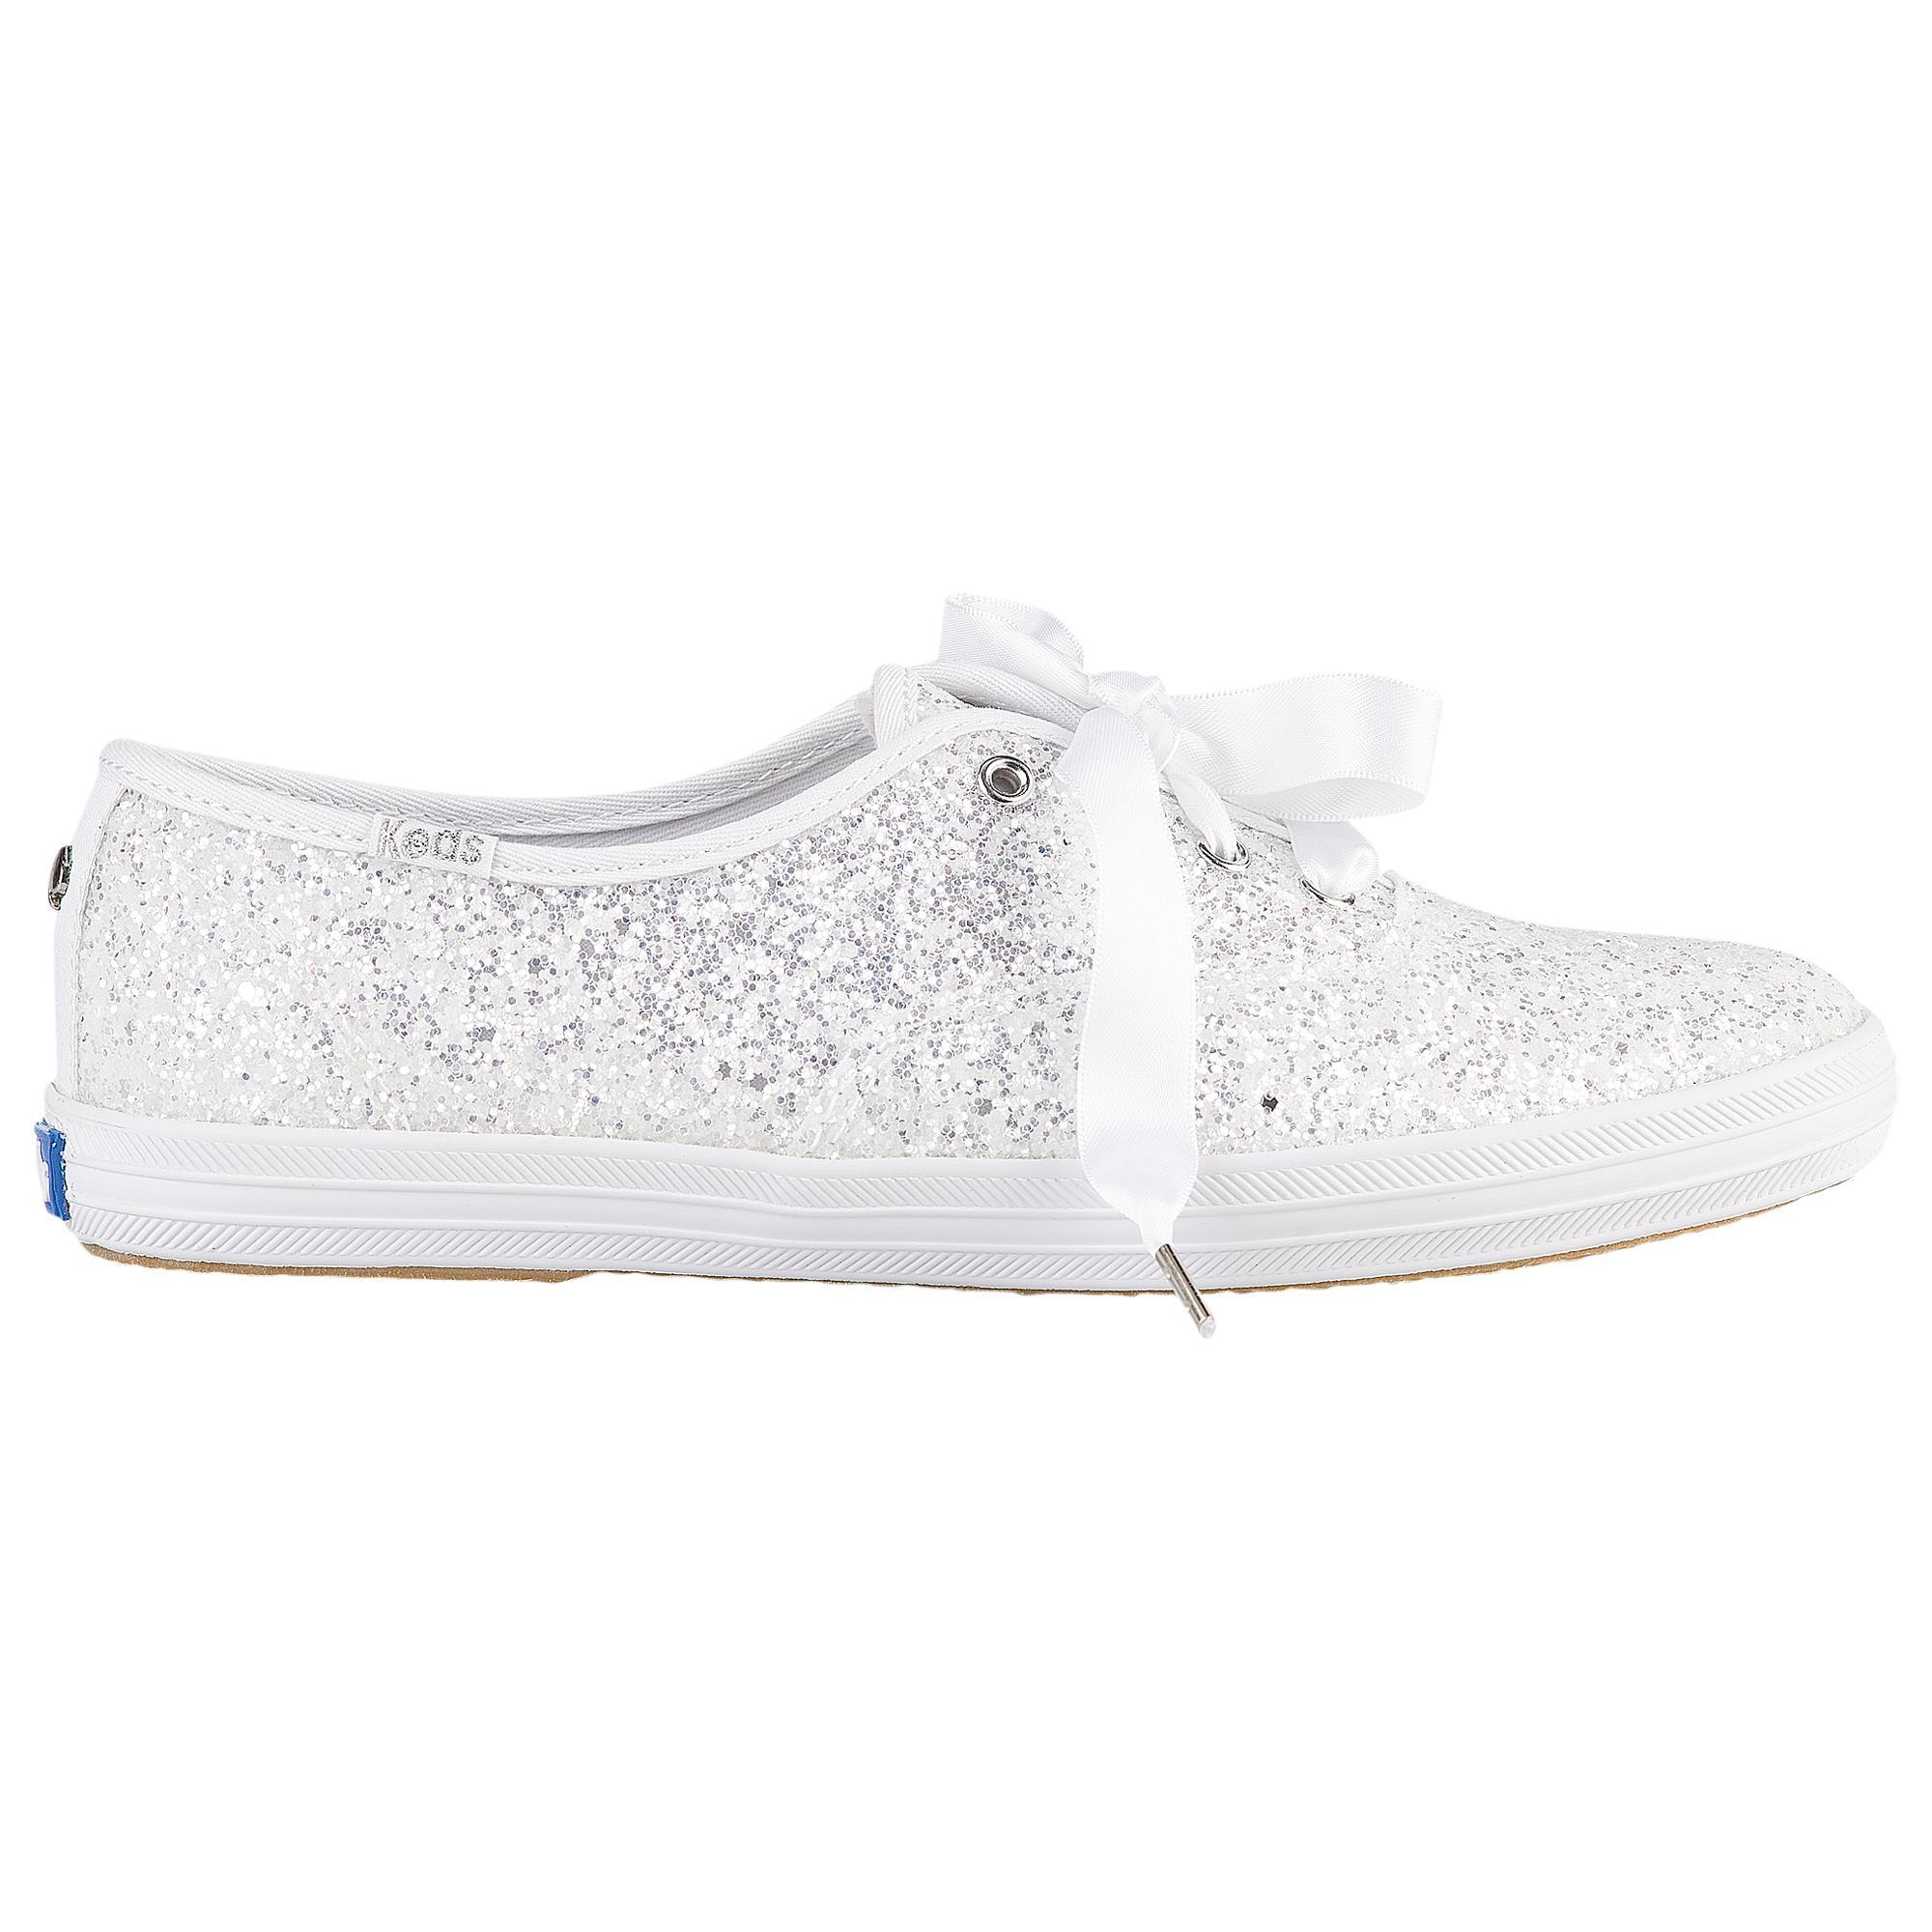 c12e321fbde96 Lyst - Keds For Kate Spade Champion Glitter in White